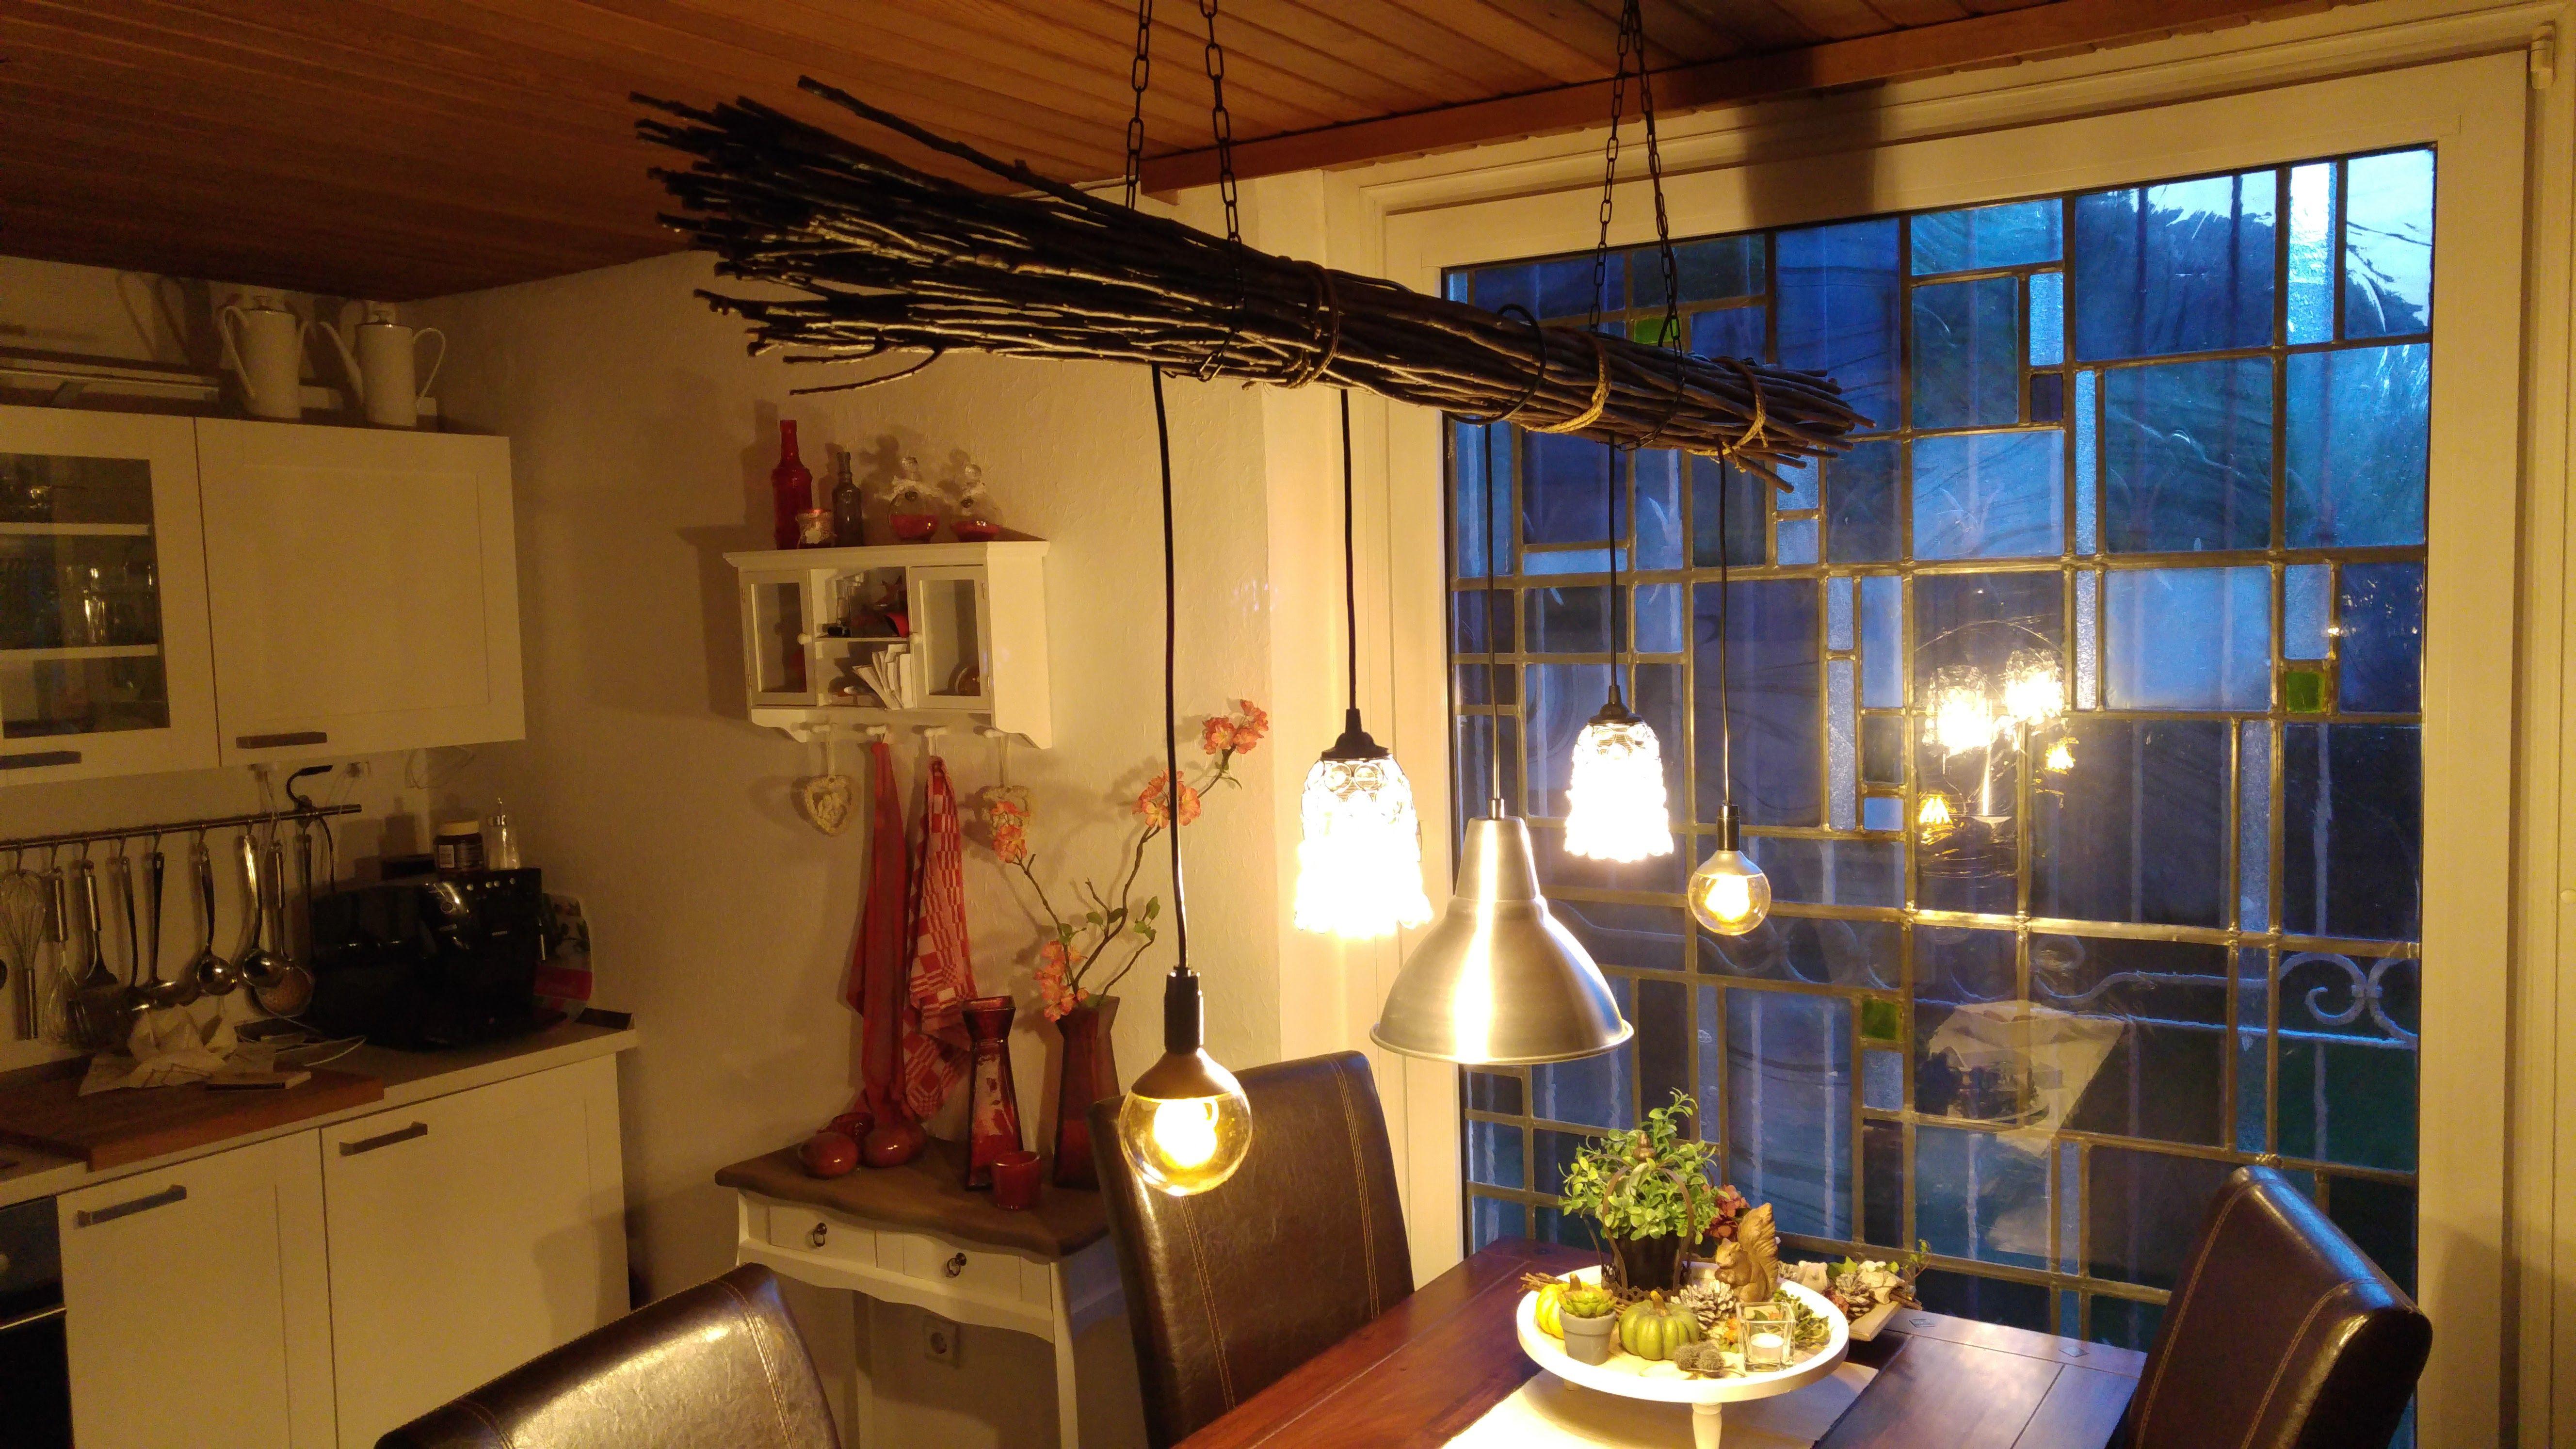 Ausgezeichnet Küchenbeleuchtung Design Guide Ideen - Ideen Für Die ...